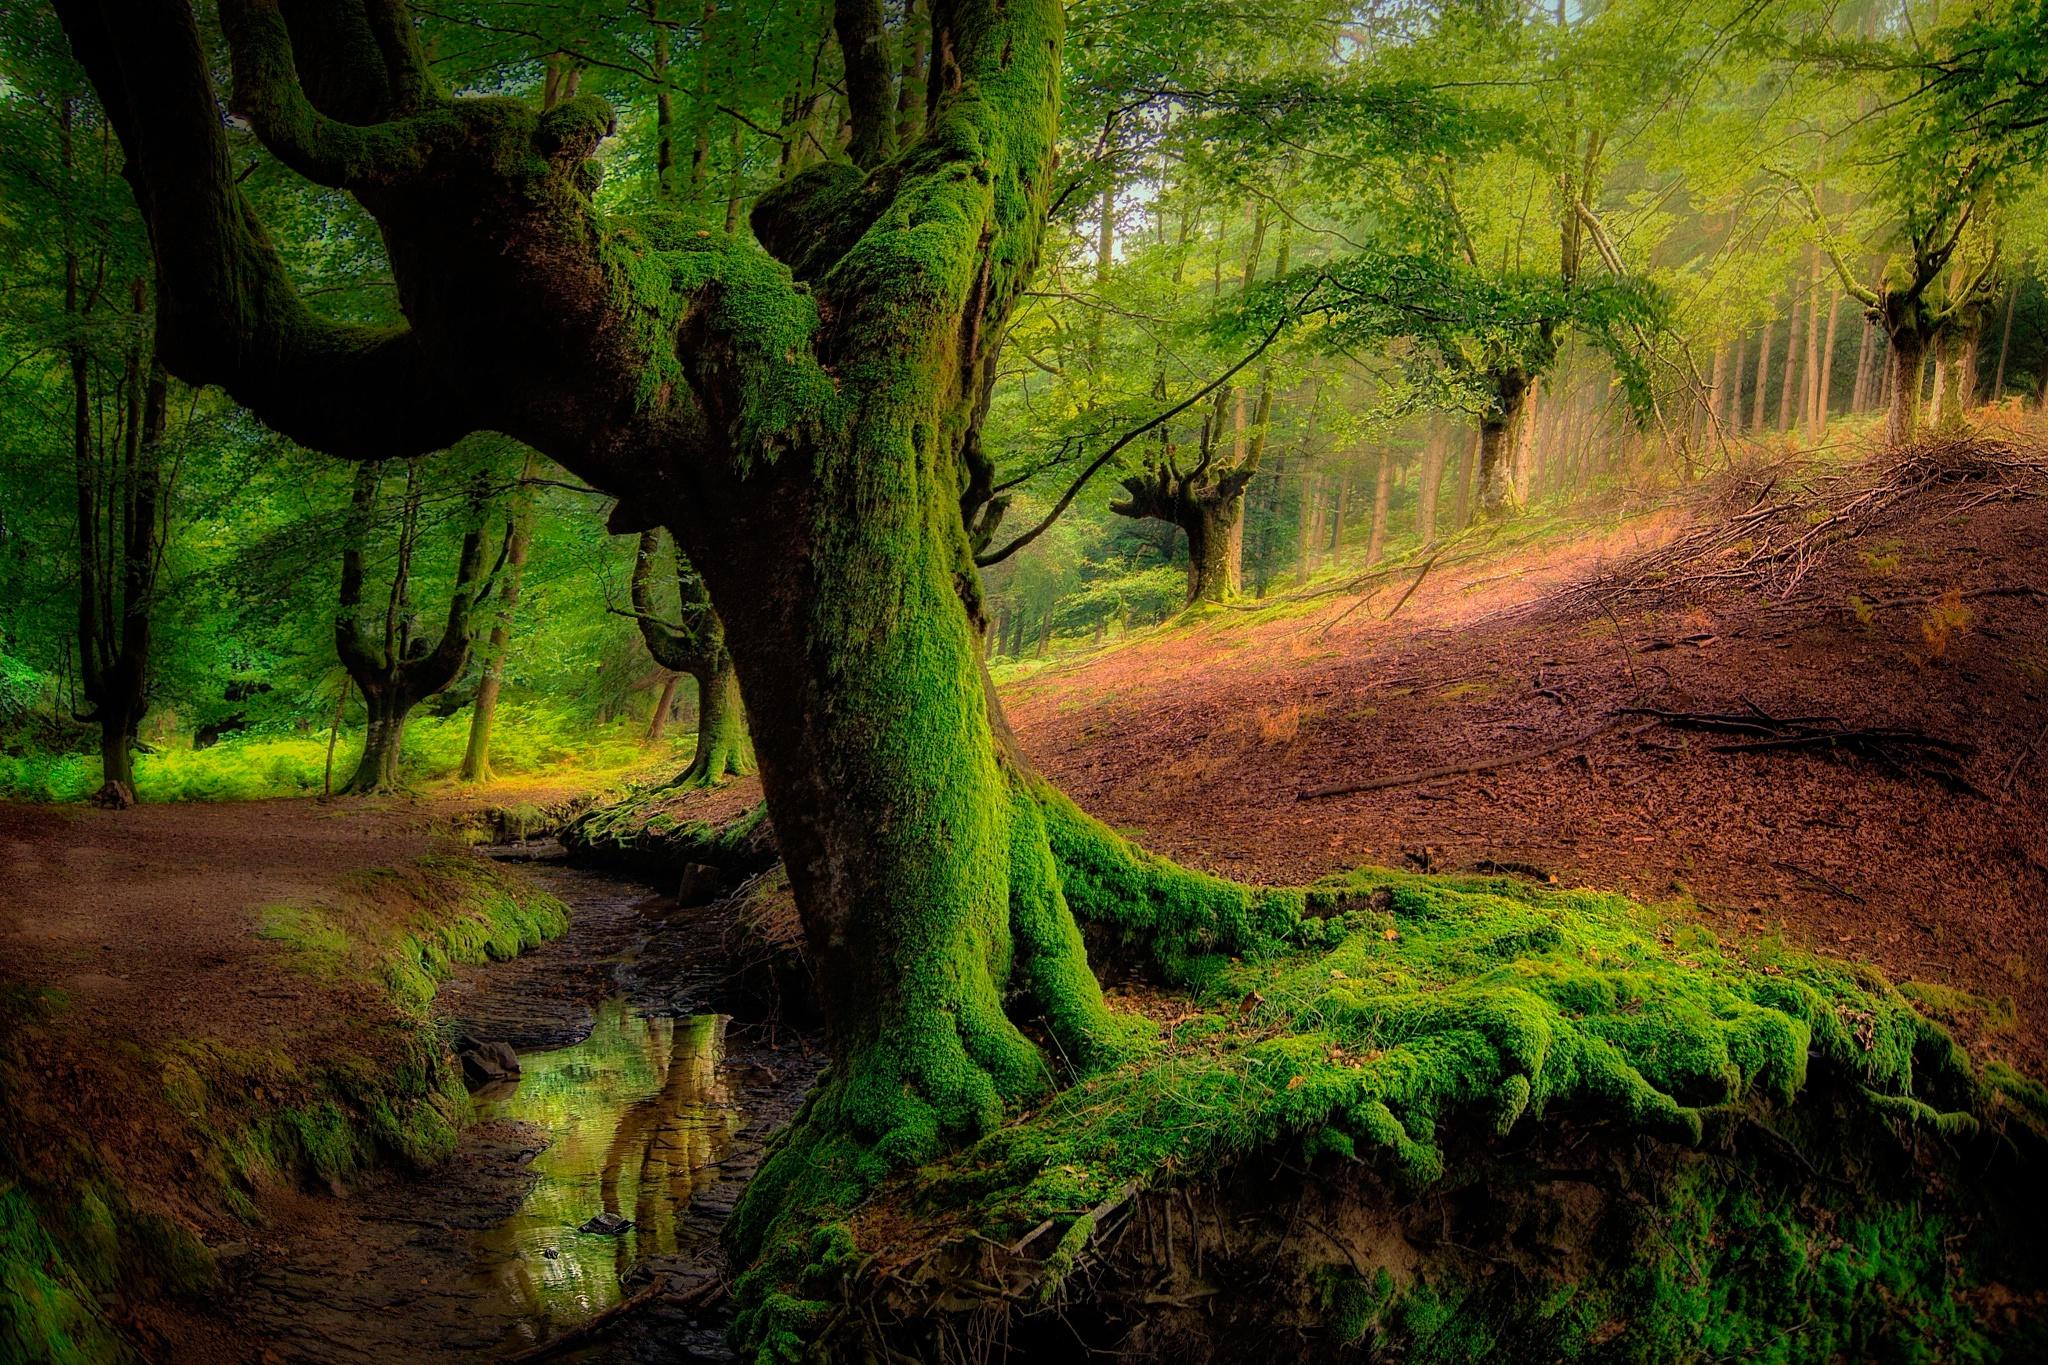 природа вода река трава деревья мох  № 3800975 загрузить